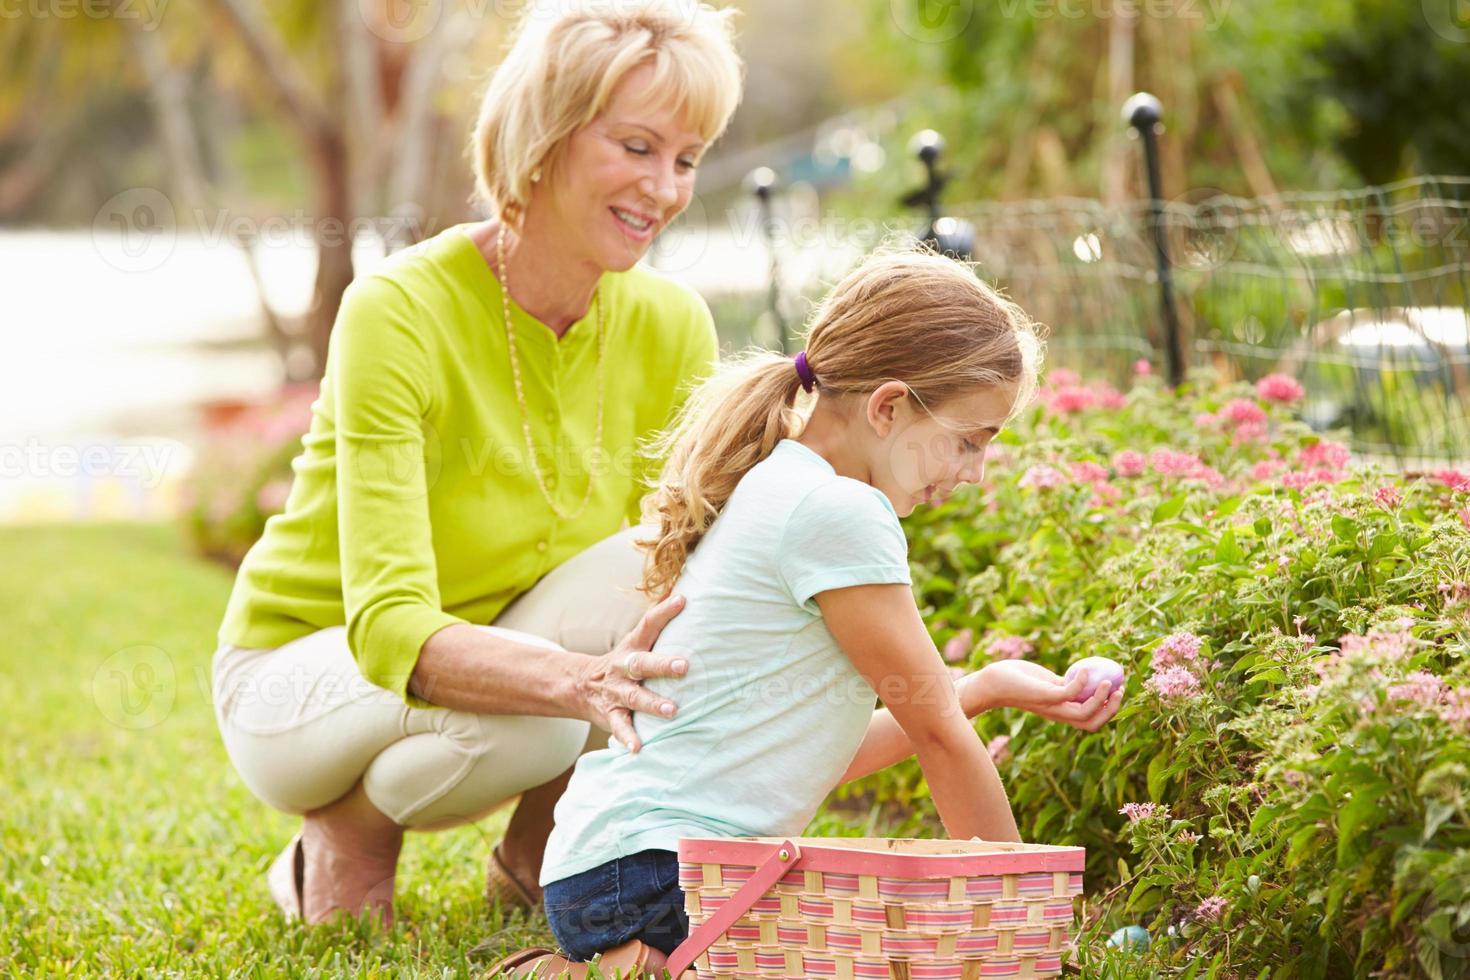 abuela con nieta en búsqueda de huevos de pascua en el jardín foto